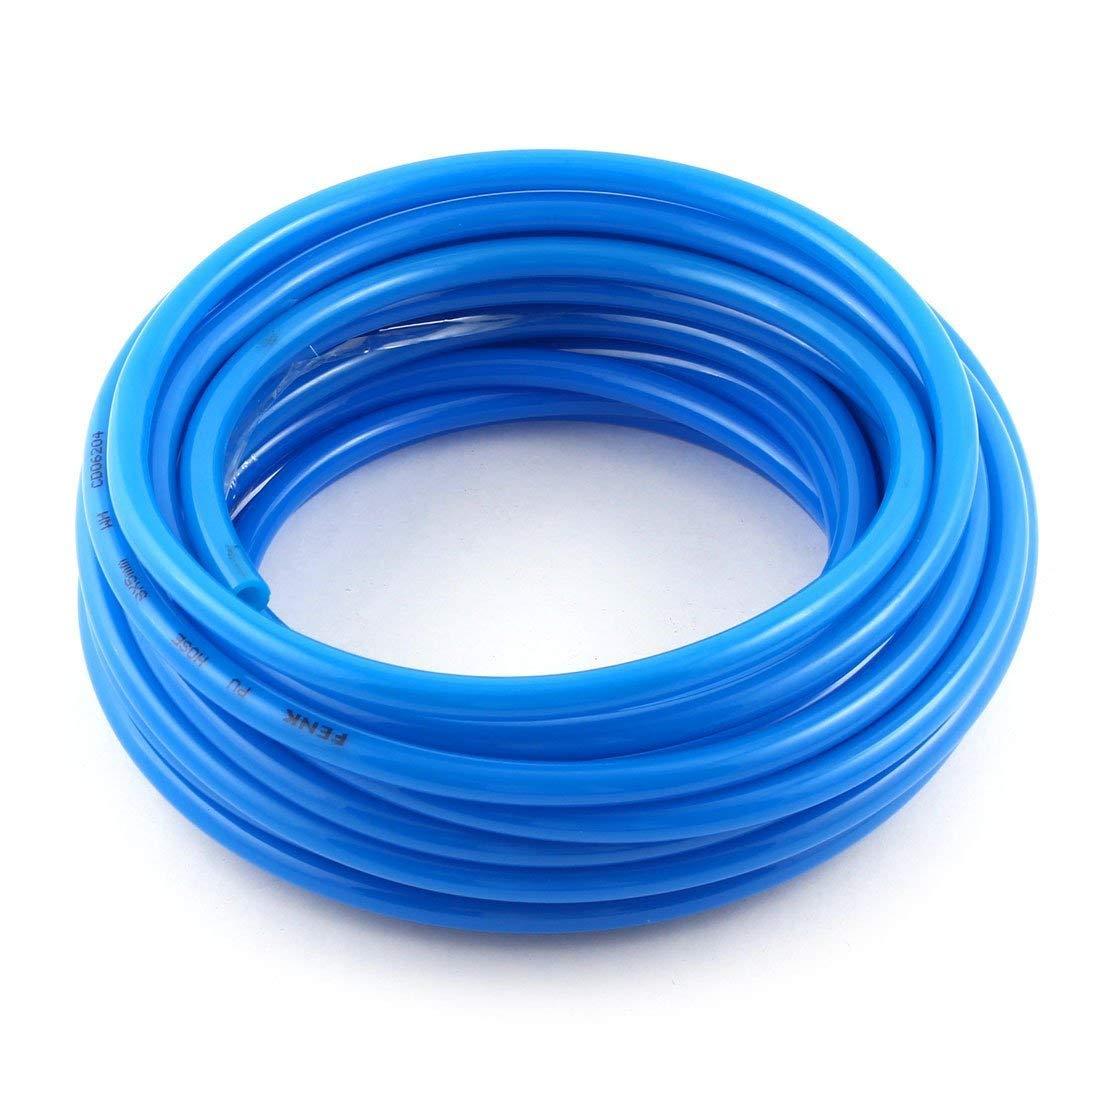 Hình ảnh 10 mét dây hơi PU 8 mm mềm dẻo chất lượng tốt chịu áp lực cao